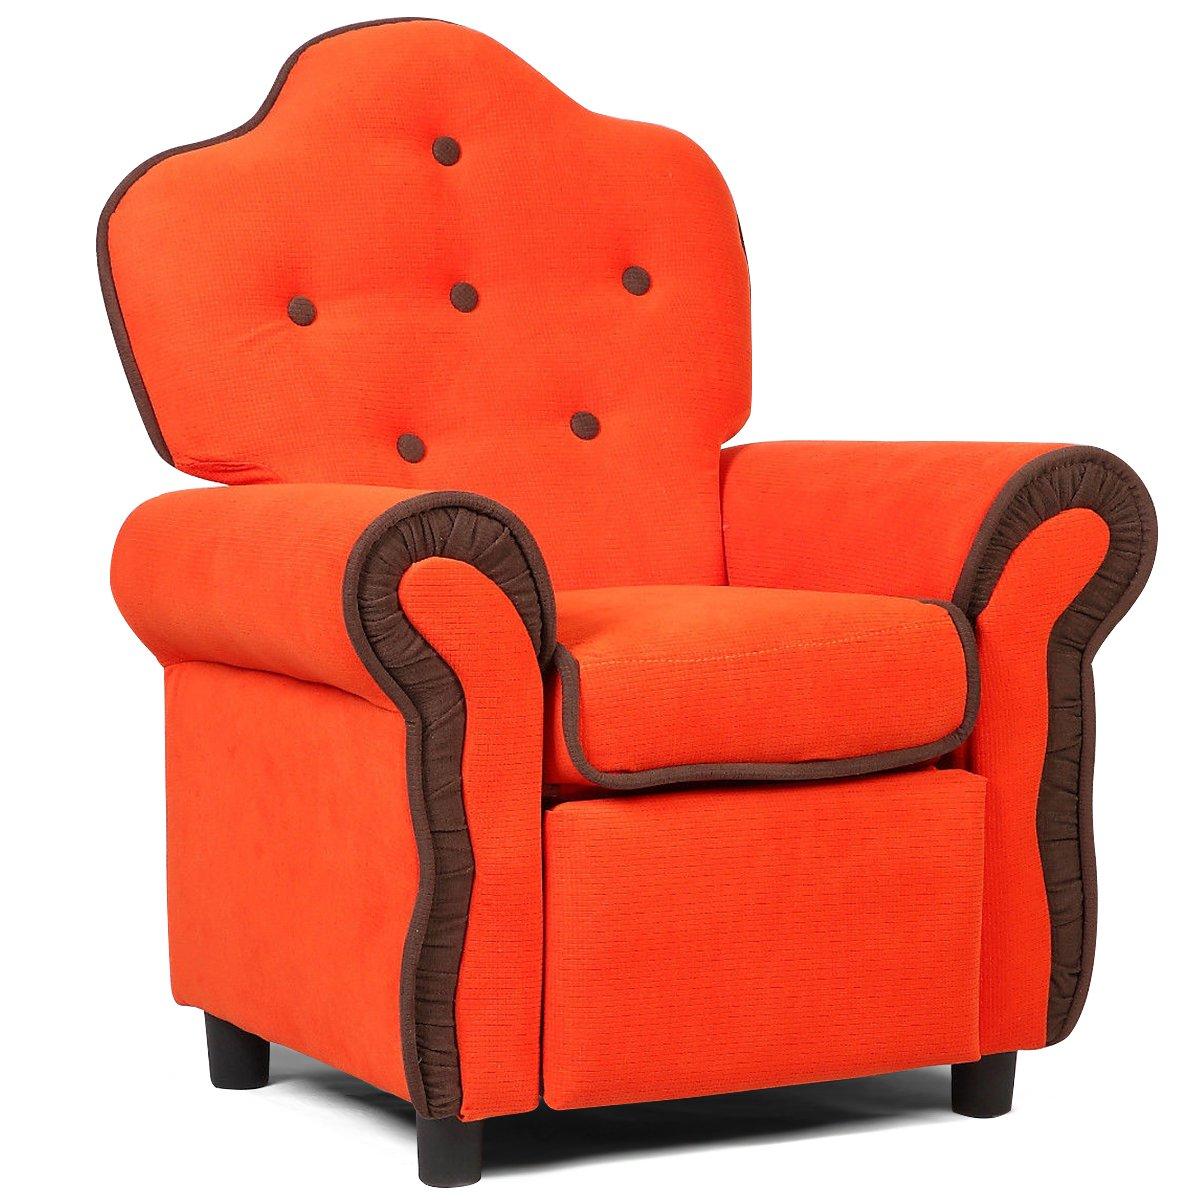 Costzon Velvet Kids Recliner Sofa, Living Room Furniture, Orange by Costzon